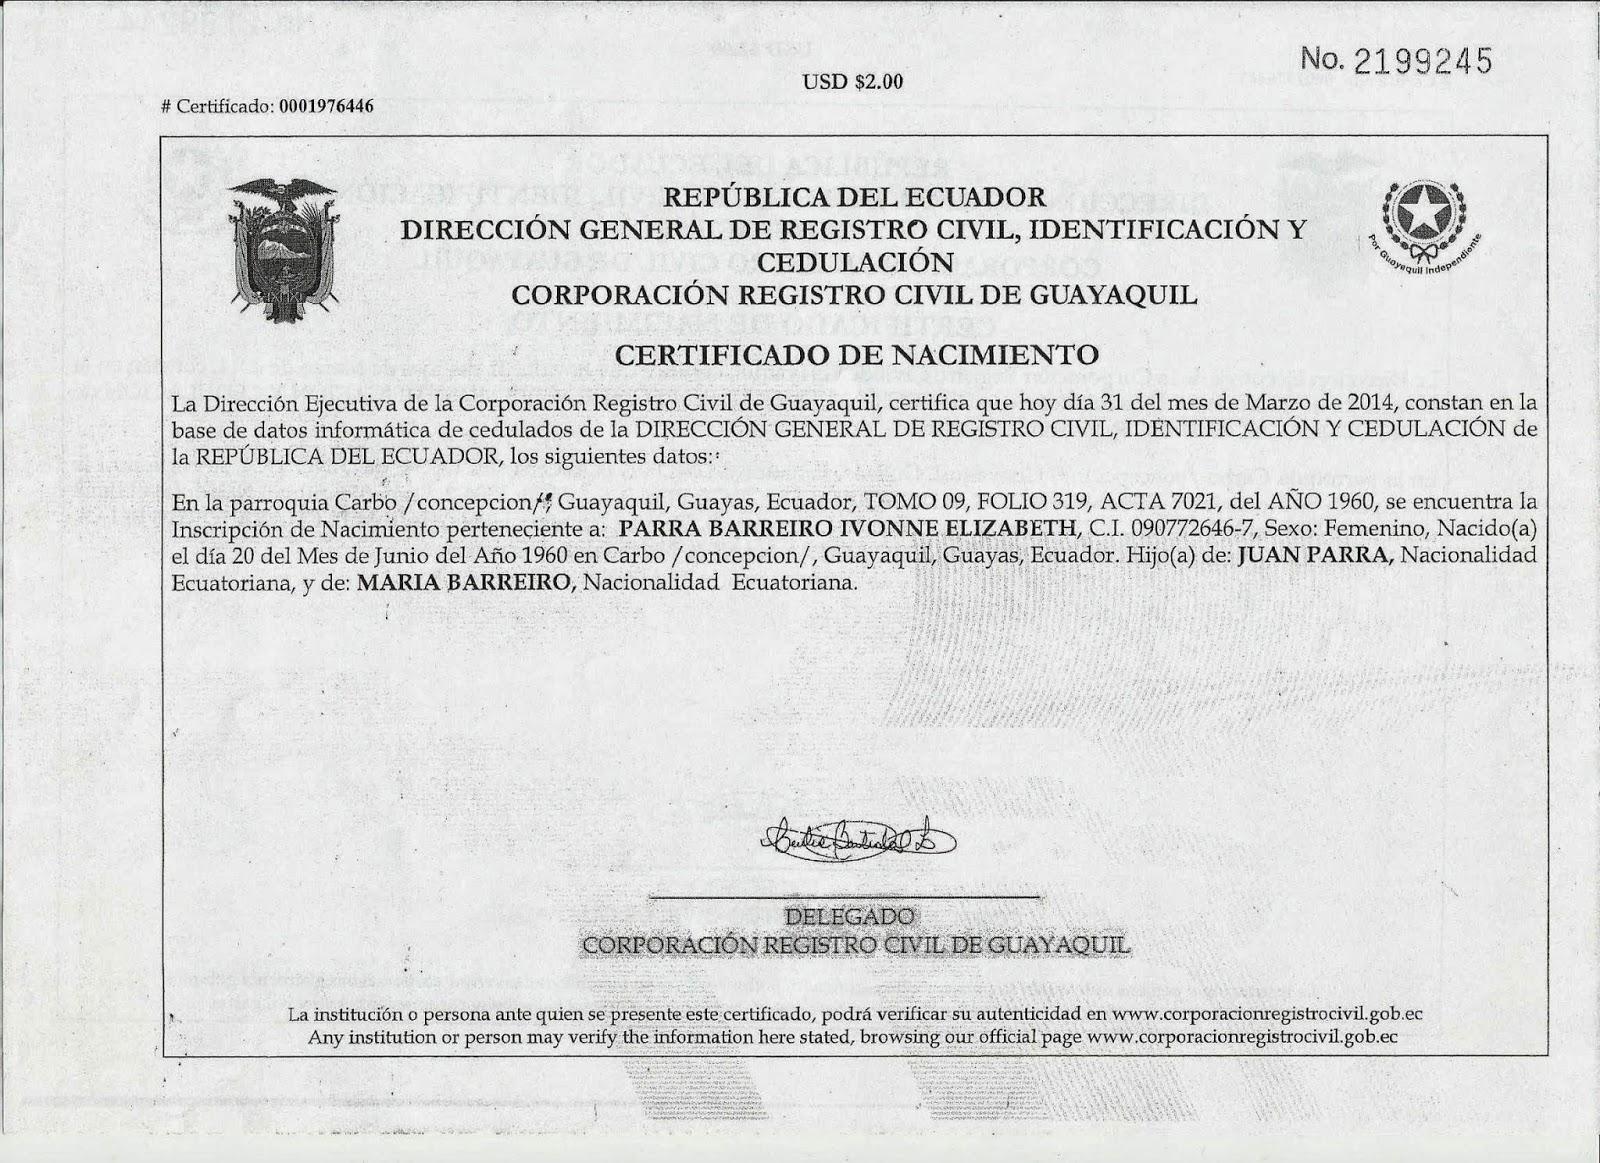 Único Encuentra Certificado De Nacimiento Imagen - Certificado Actas ...